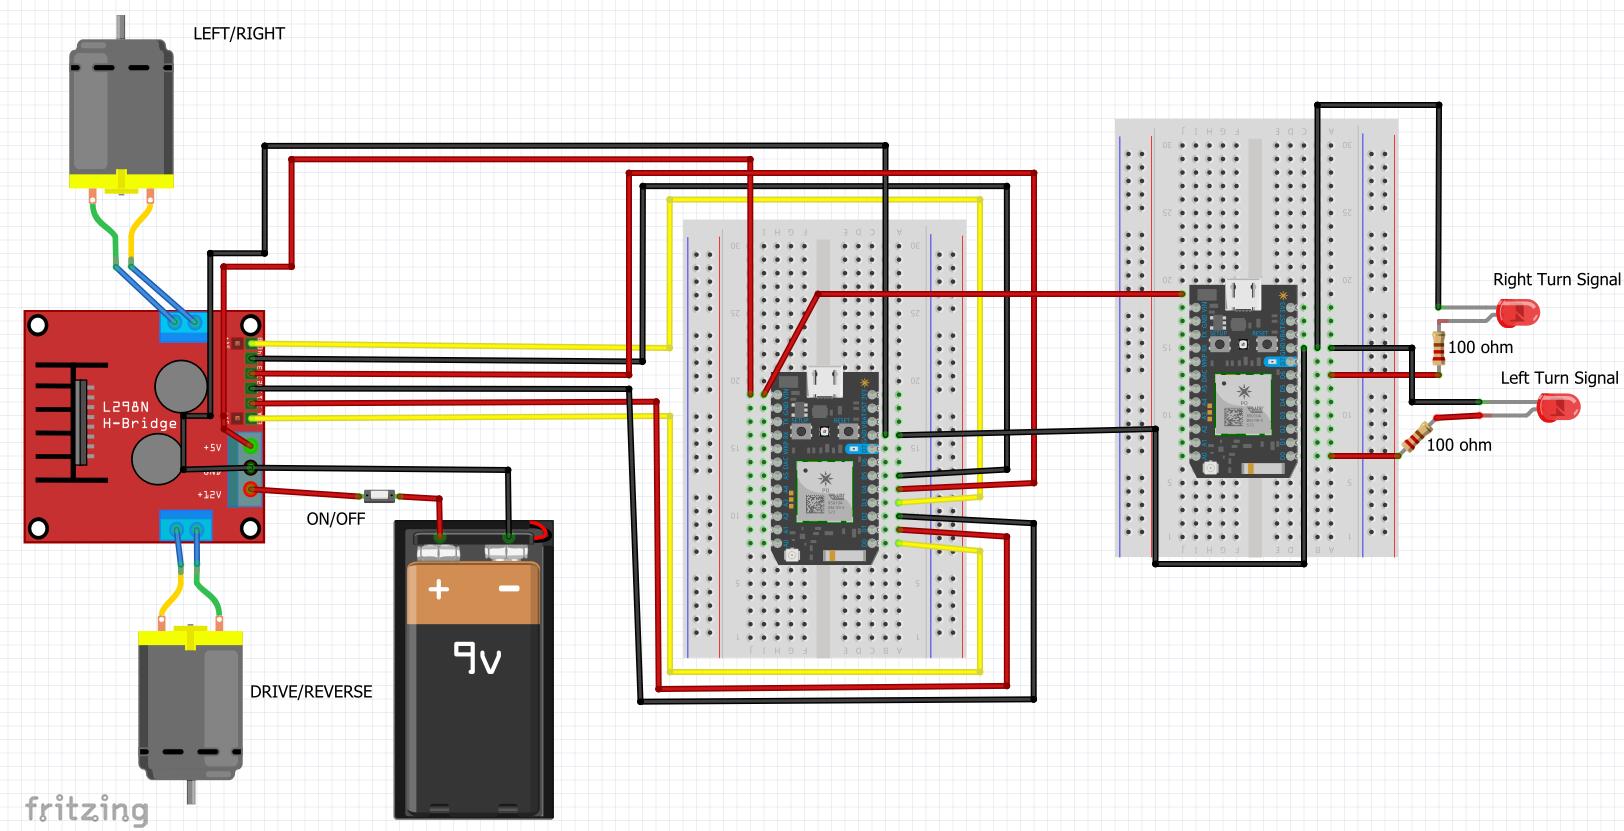 Final circuit diagram wfmanagfmj